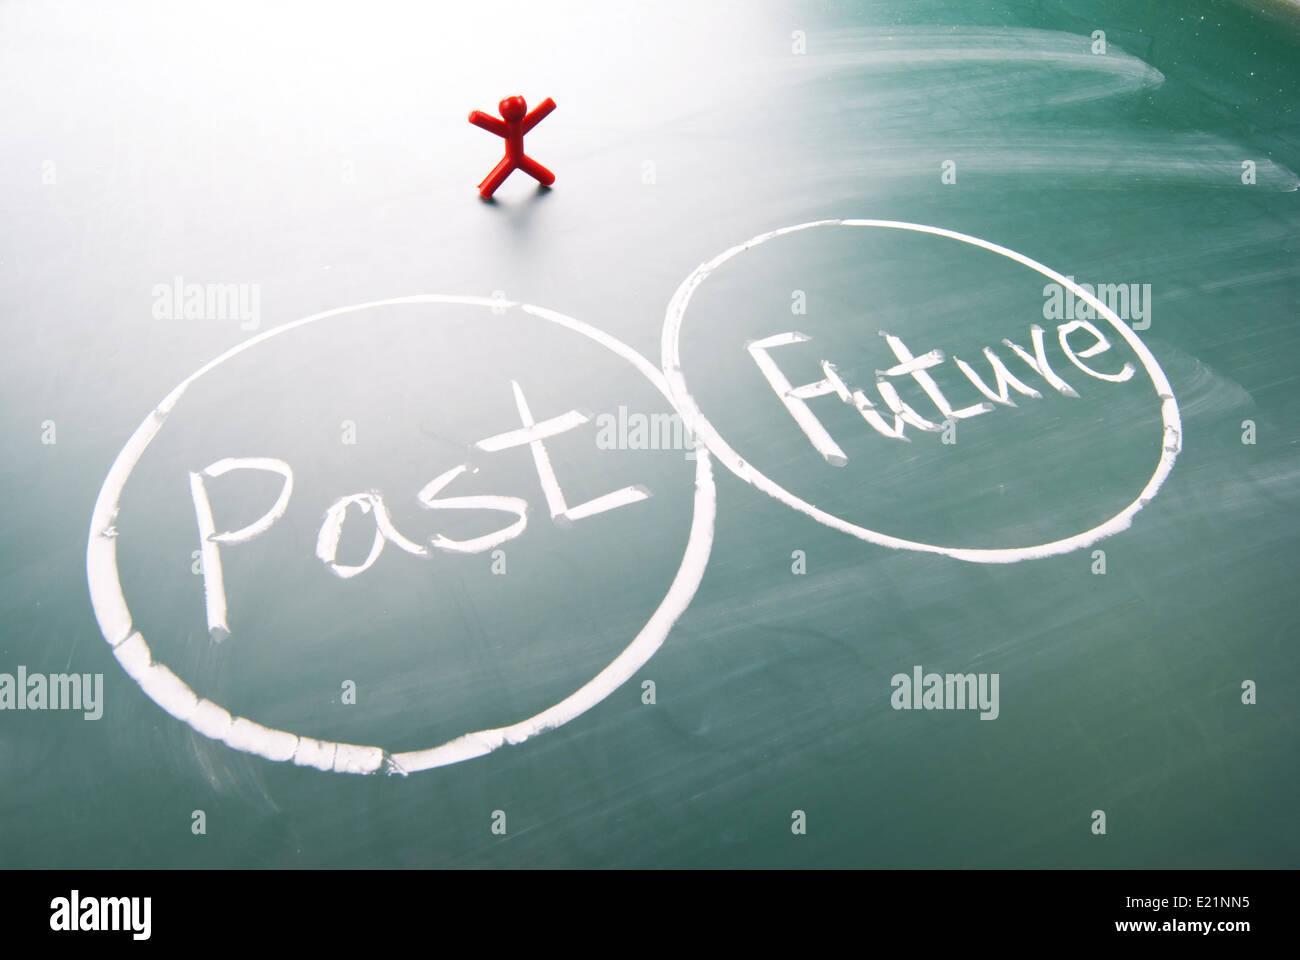 Un uomo tra passato e futuro. Immagini Stock